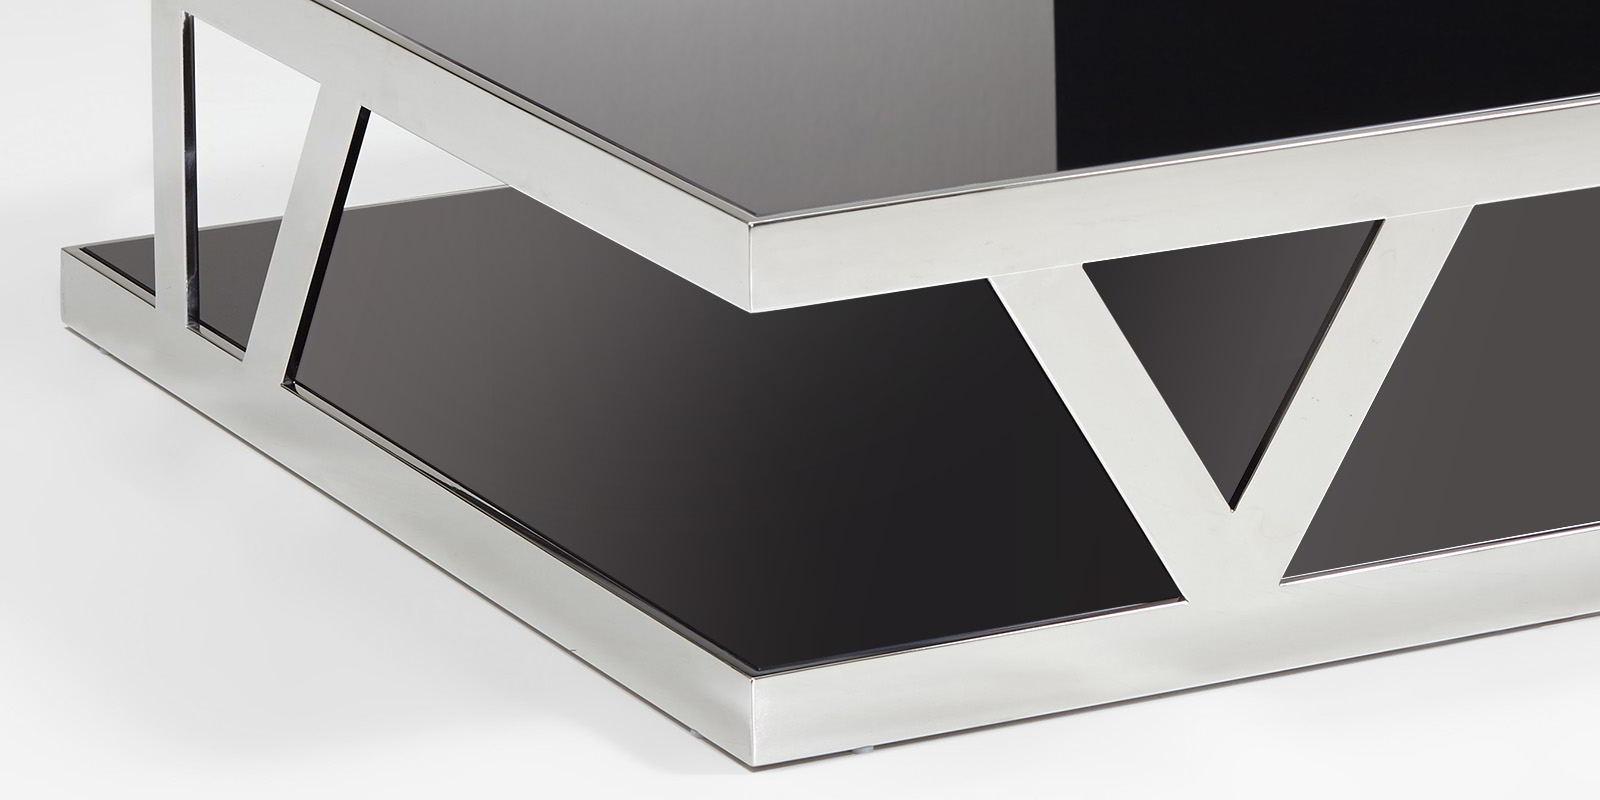 Wohnzimmertisch schwarz glastisch chrom parla moebella24 for Wohnzimmertisch schwarz